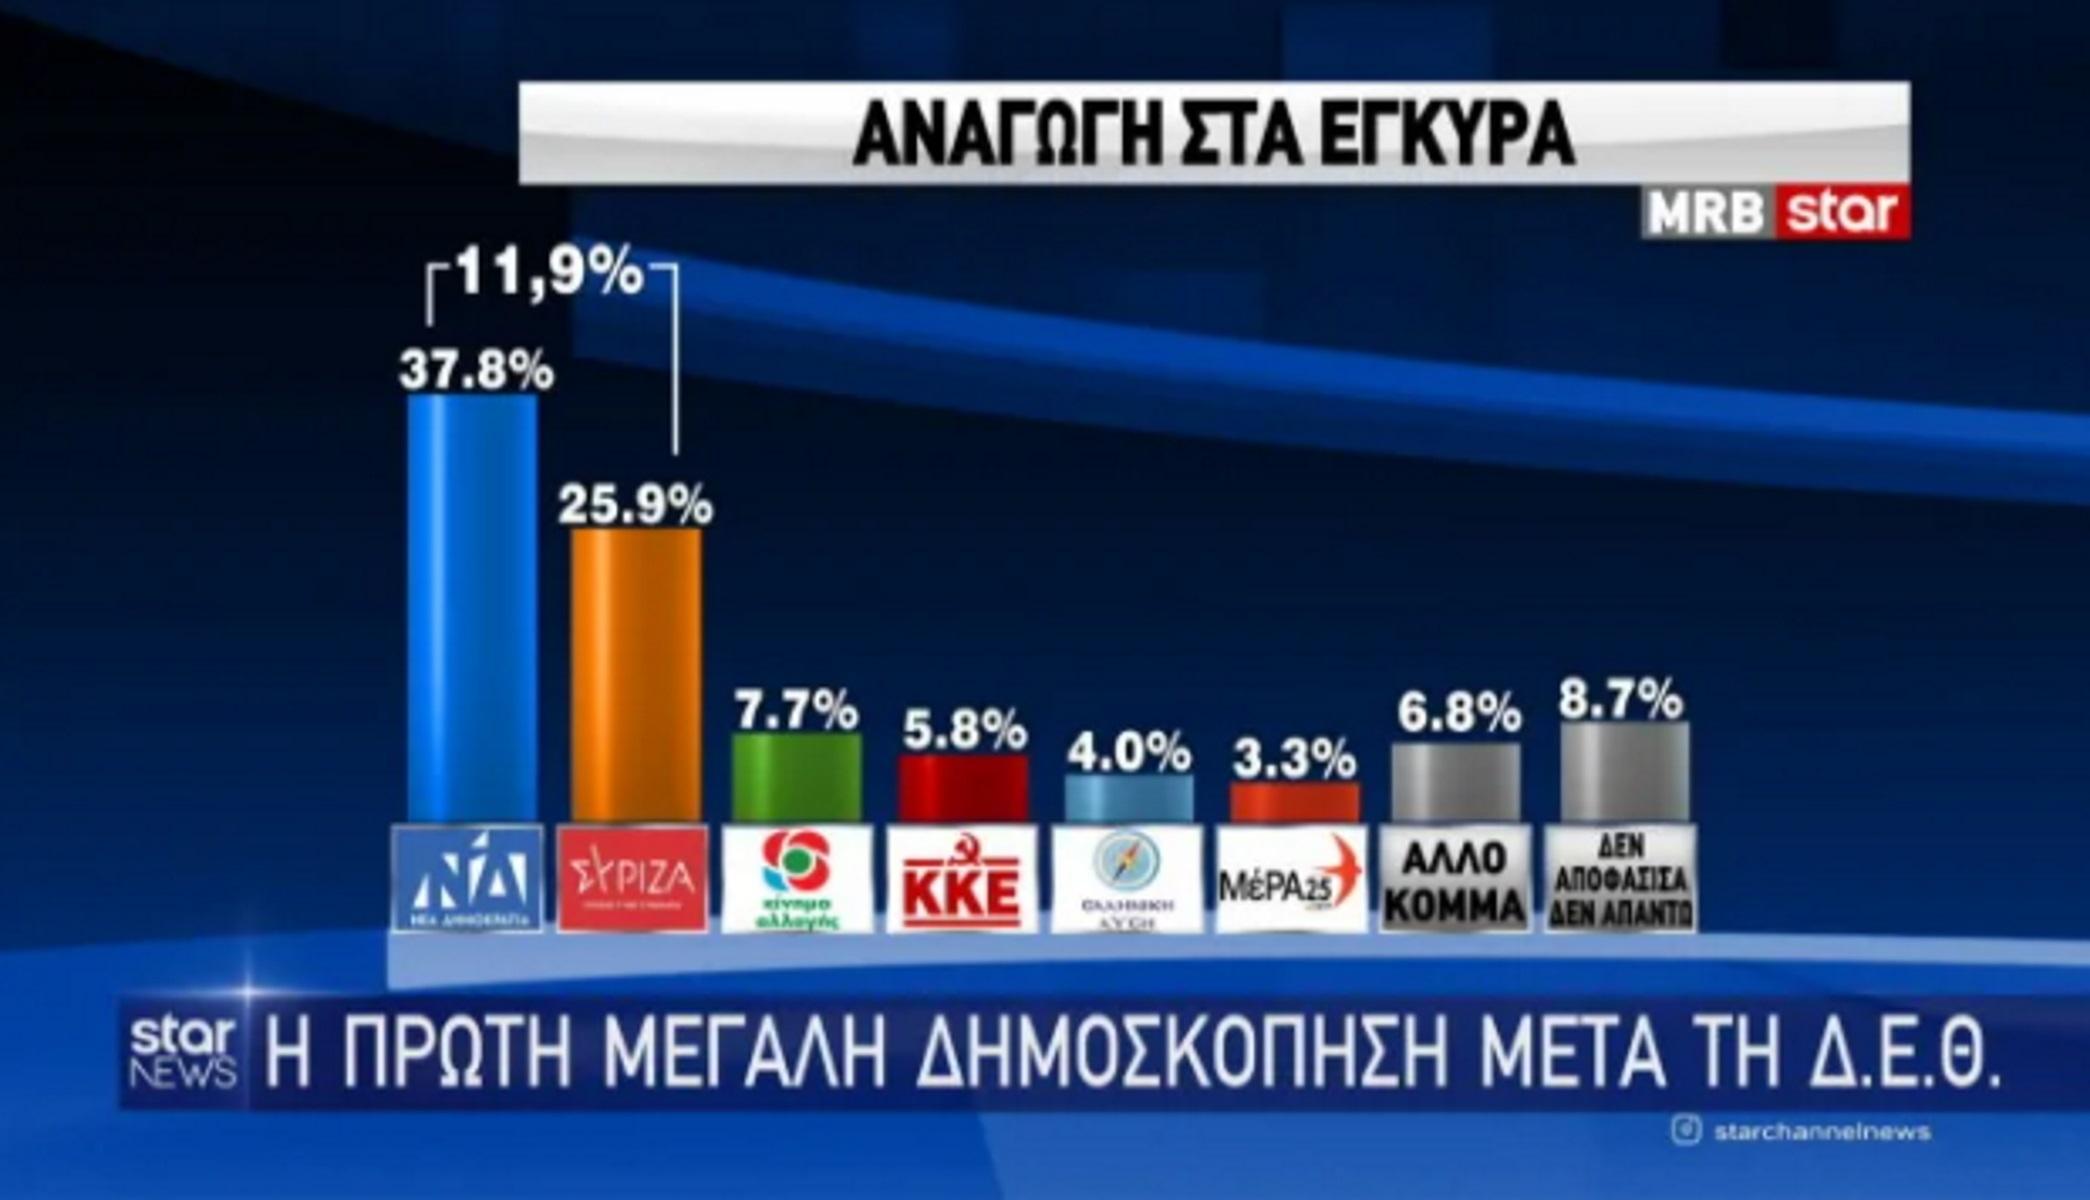 Δημοσκόπηση MRB: Προβάδισμα ΝΔ έναντι ΣΥΡΙΖΑ – Ο Κυριάκος Μητσοτάκης και η ΔΕΘ